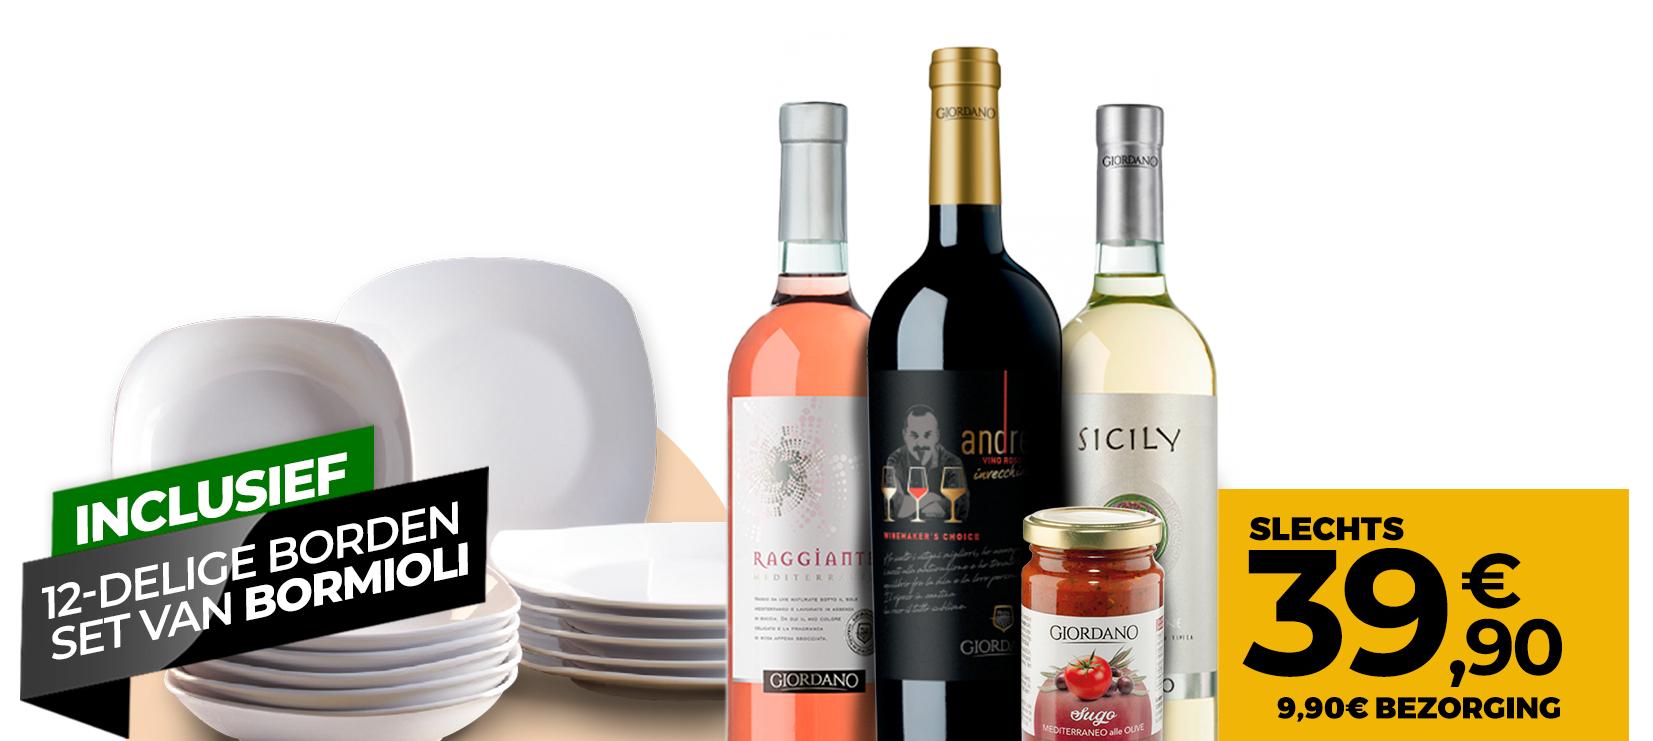 10 wijnen + 1 Delicatesse + 12 Rocco Bormioli borden @ Giordano Vini